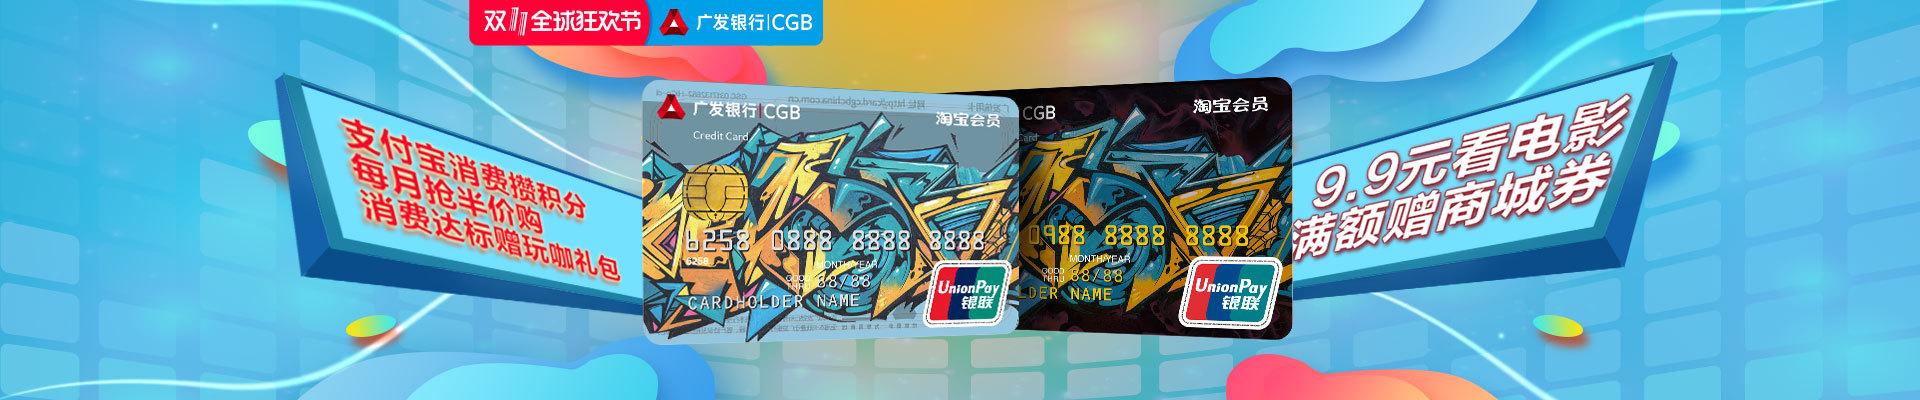 广发银行卡